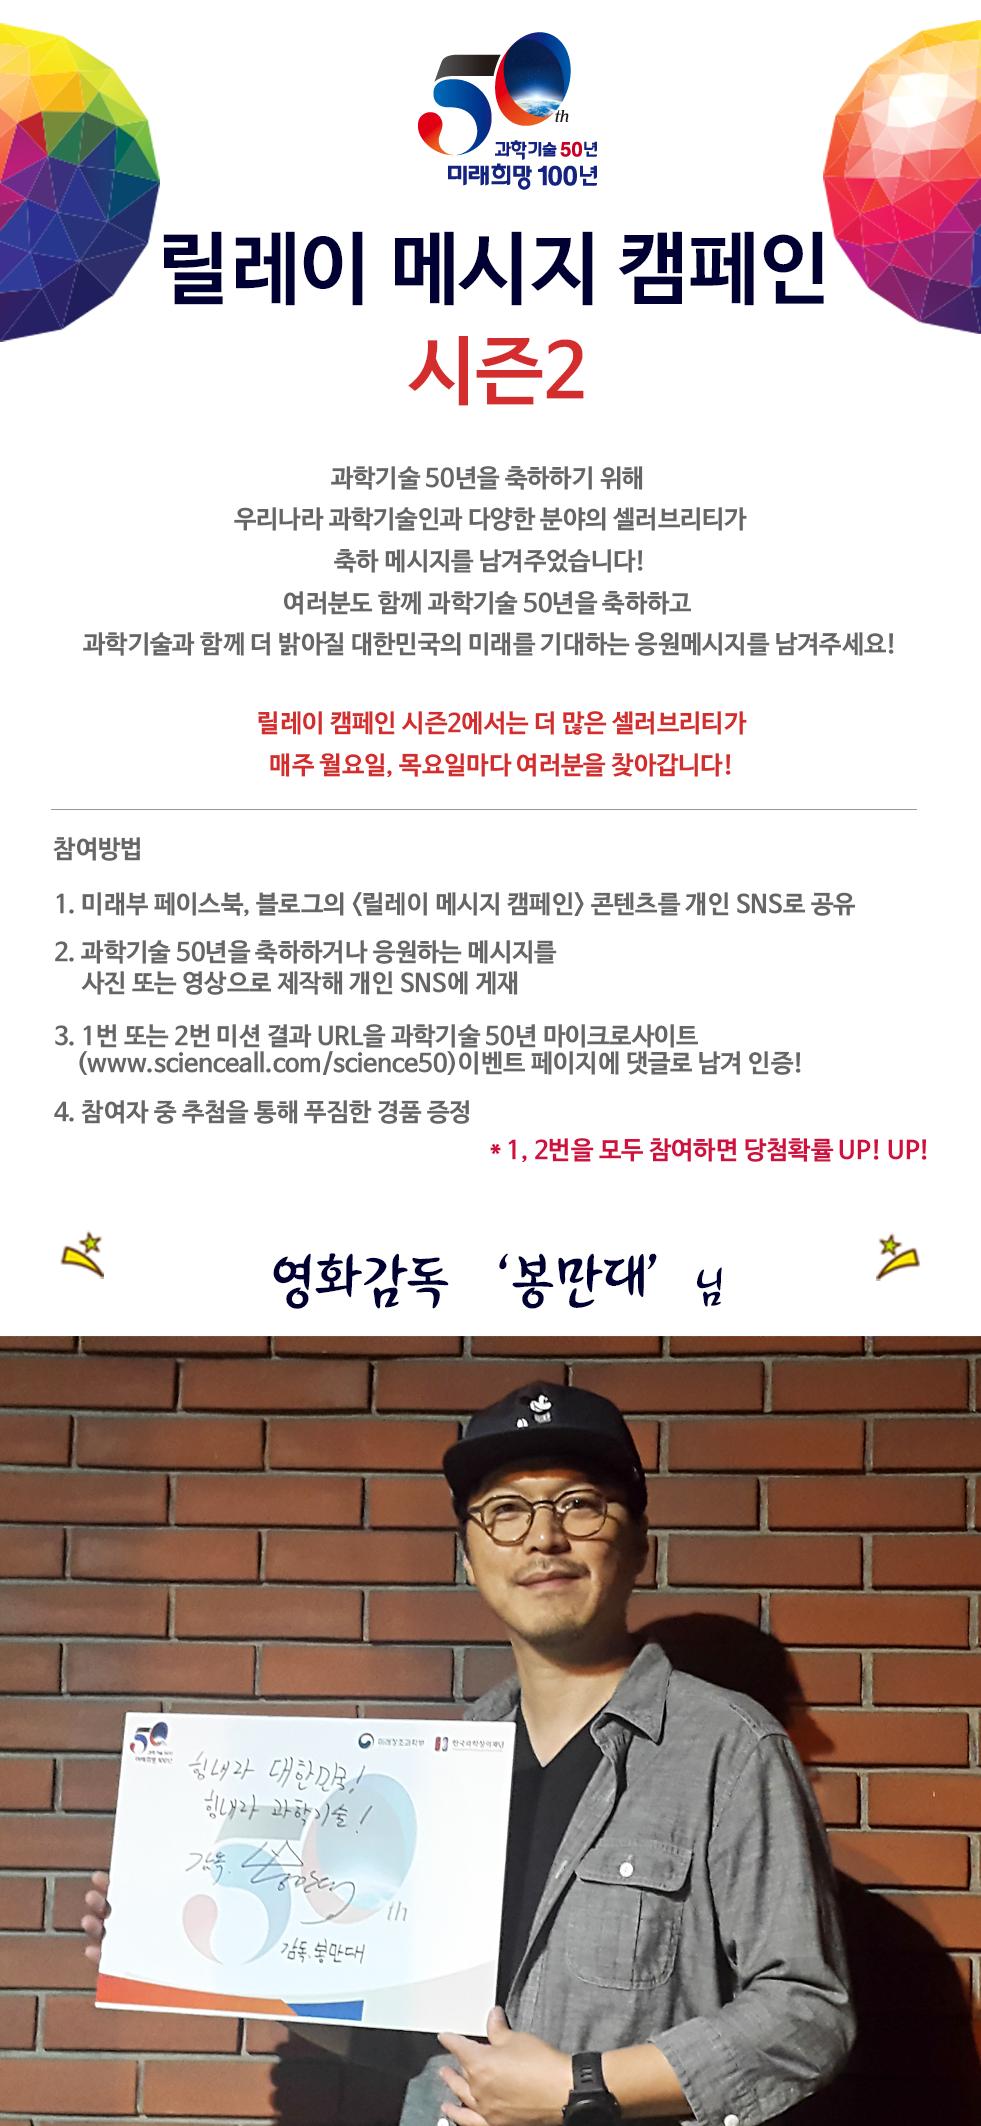 영화감독 봉만대_50년사이트 및 블로그 게재용